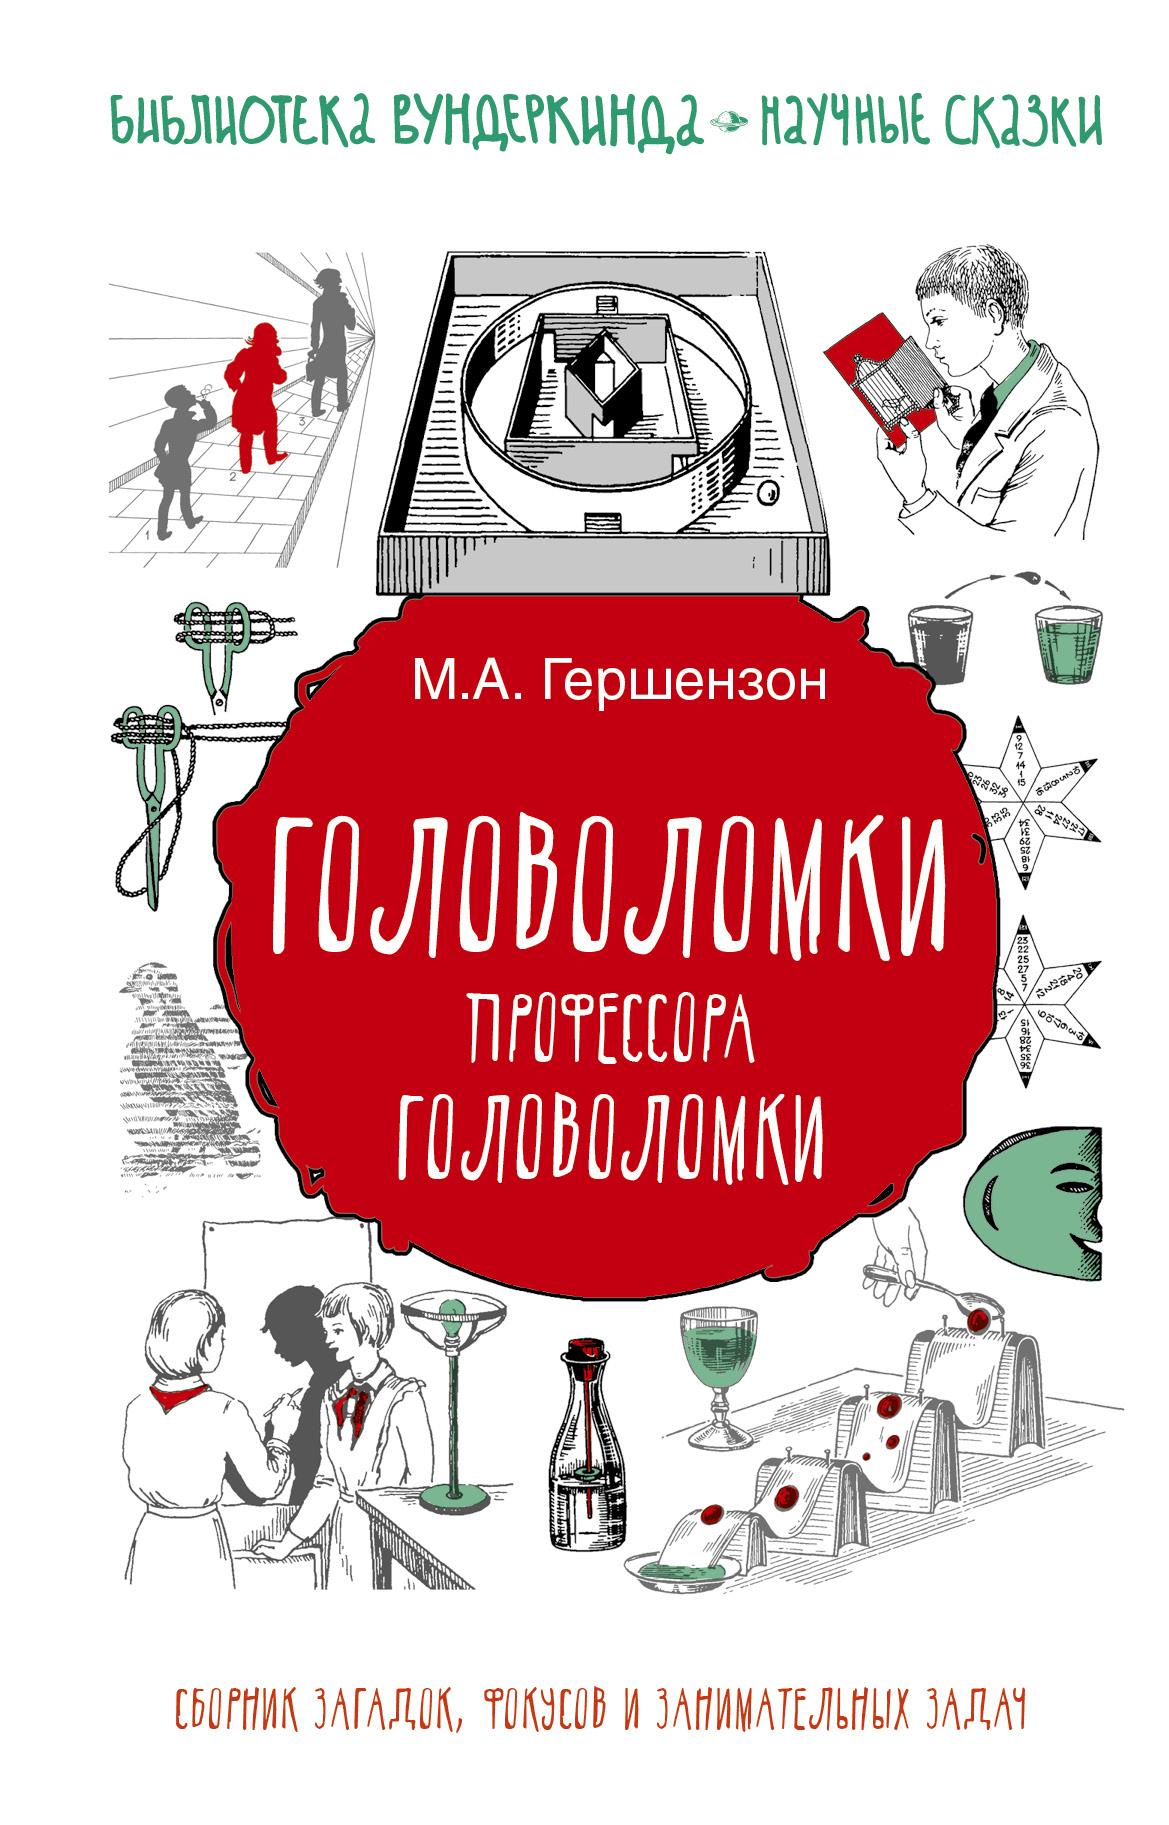 Головоломки профессора Головоломки: сборник загадок, фокусов и занимательных задач